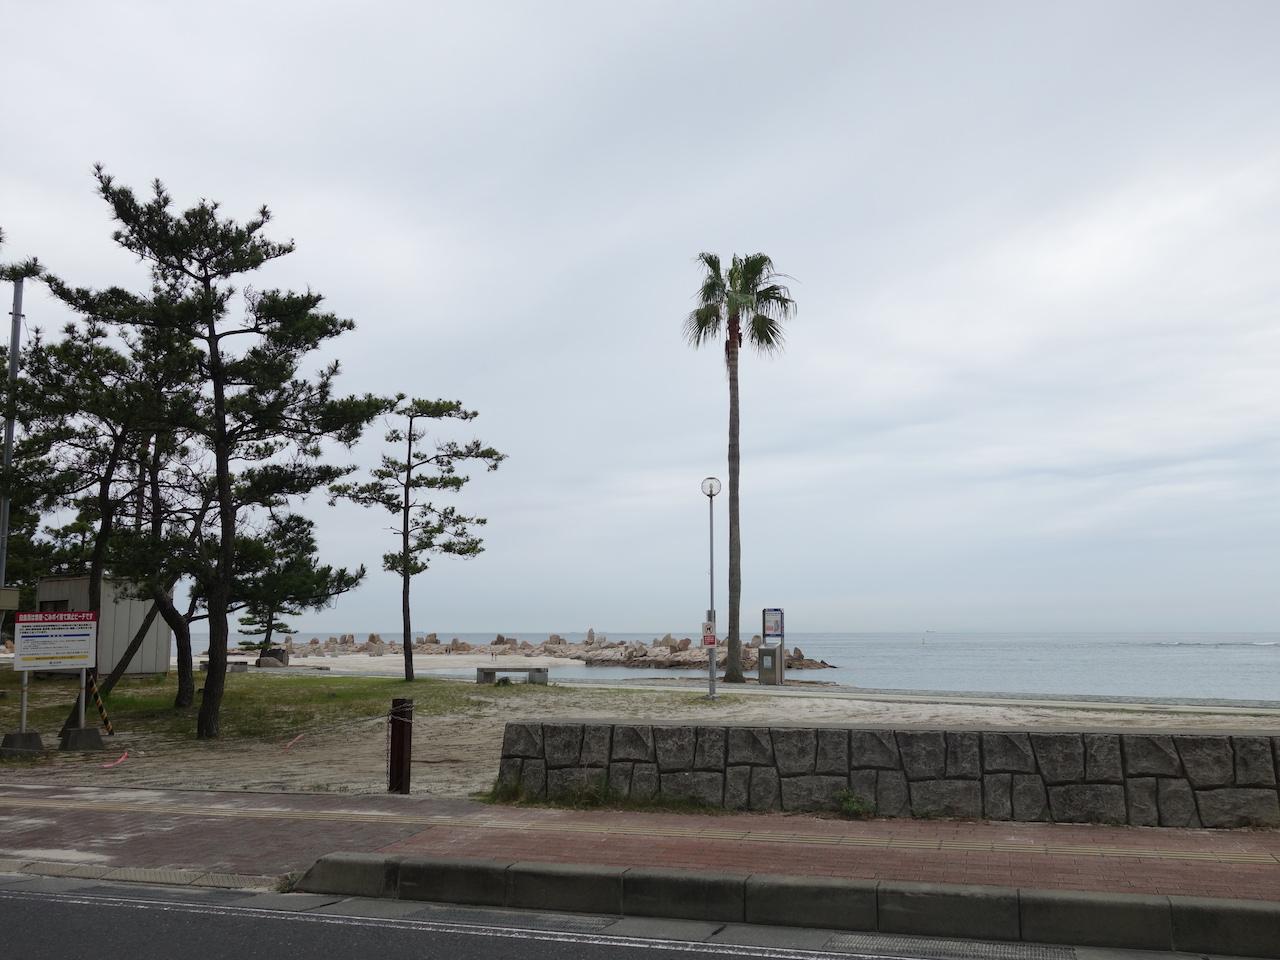 白浜といえば円月島、三段壁、千畳敷、白良浜!絶対寄るべきスポットだね